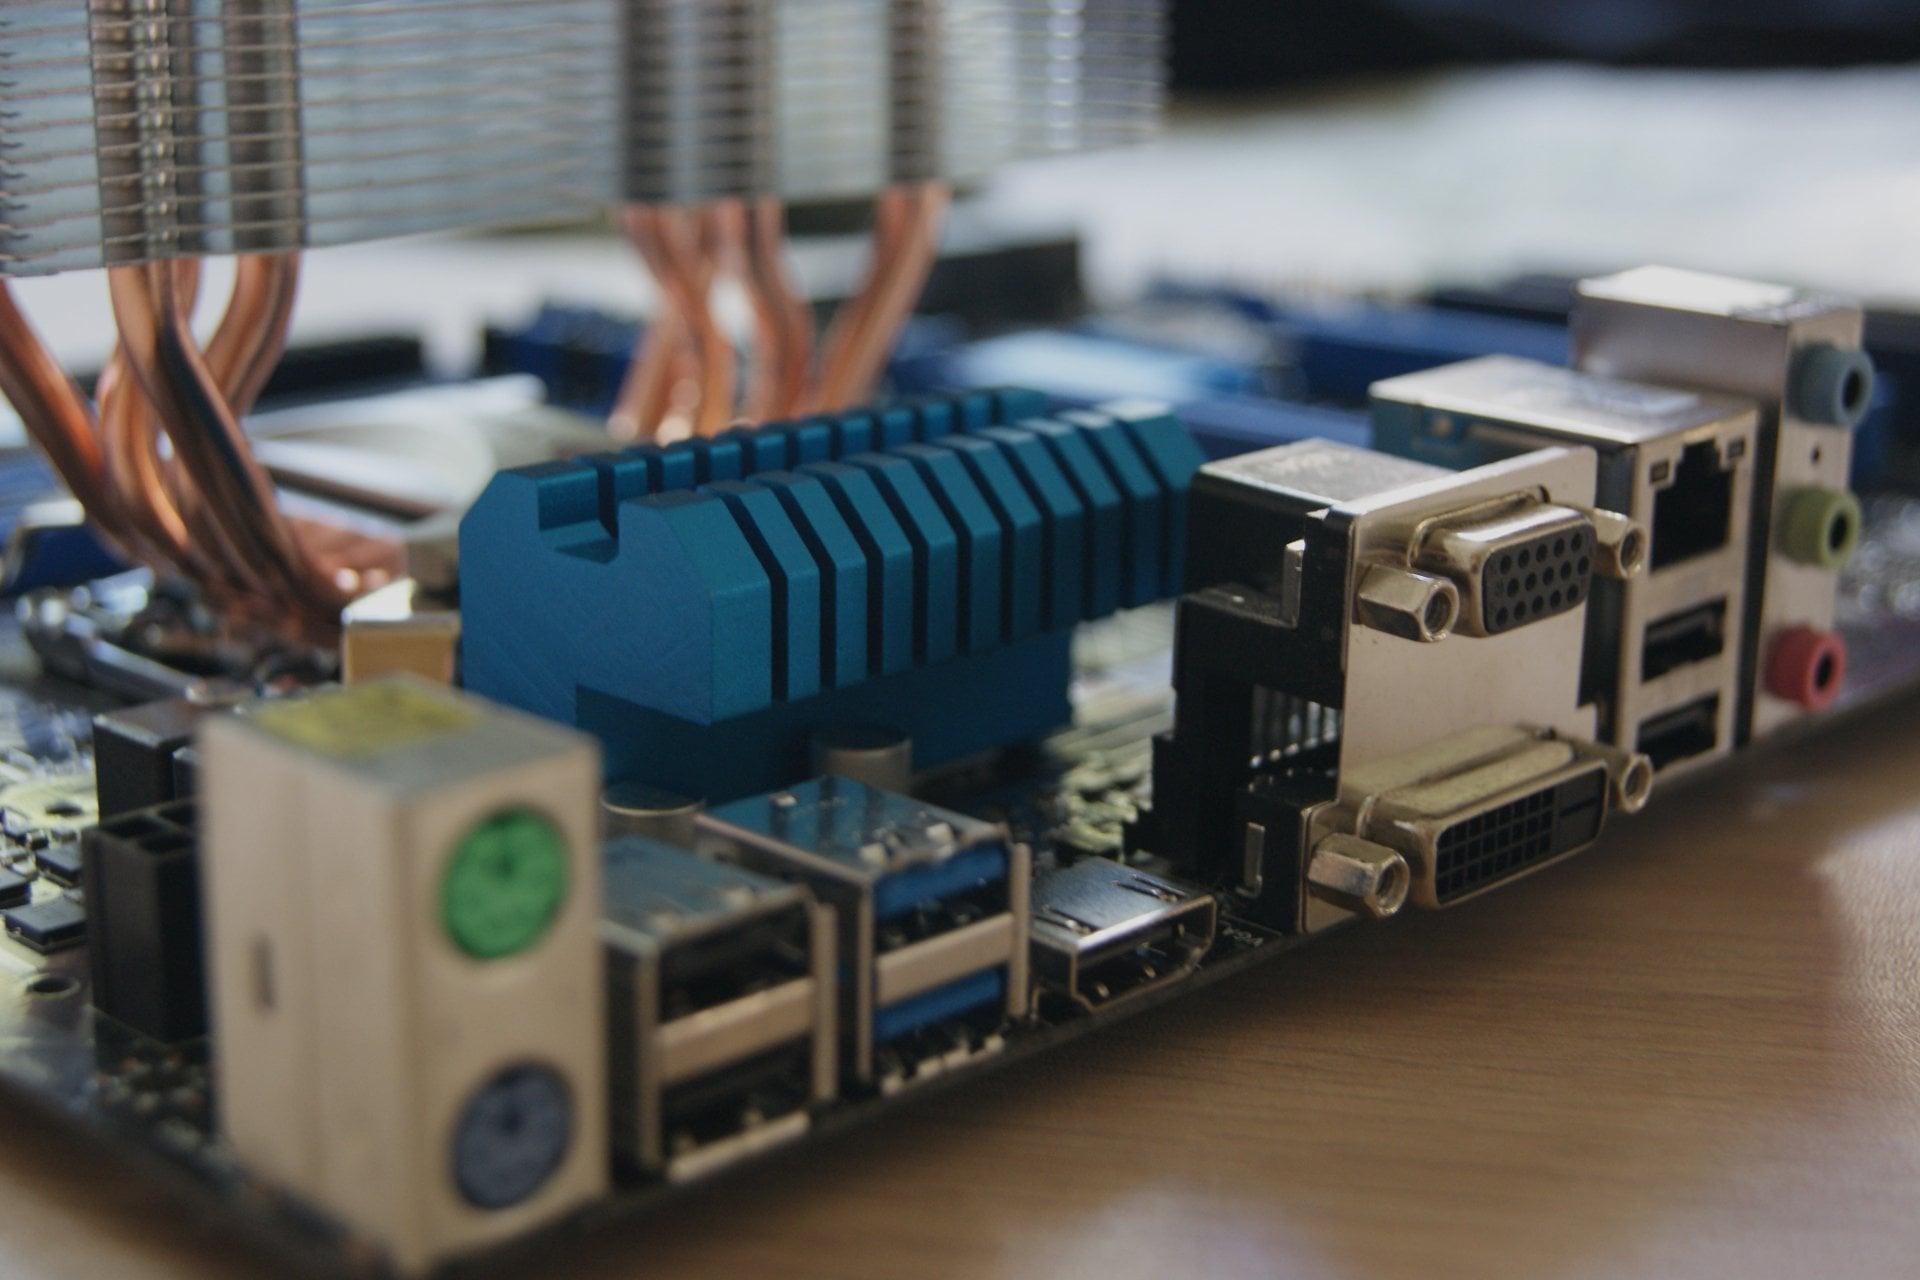 obsługa informatyczna, usługi informatyczne, obsługa informatyczna wadowice, usługi informatyczne wadowice, naprawa komputerów wadowice, modernizacja sprzętu komputerowego